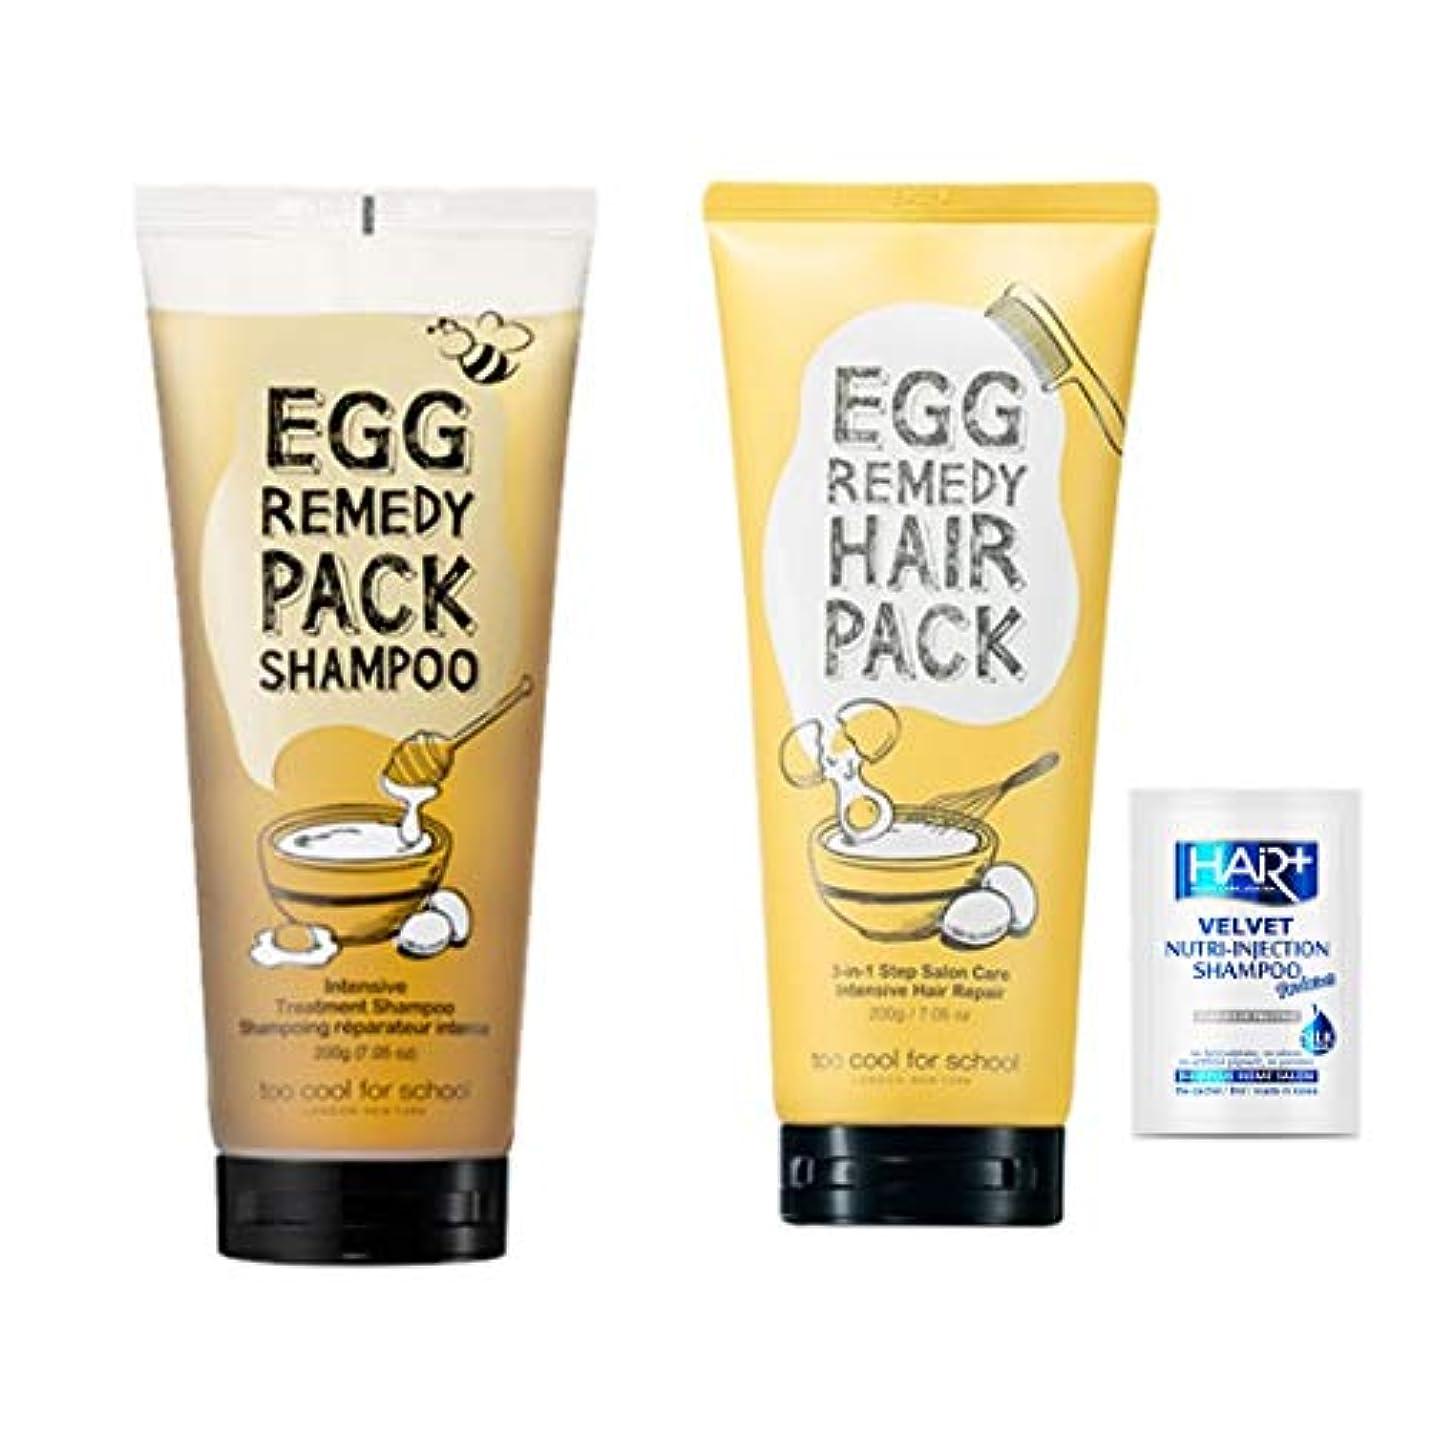 花火くしゃみ前投薬トゥークールフォ―スクール(too cool for school)/エッグレミディパックシャンプーtoo cool for school Egg Remedy Pack Shampoo 200ml + エッグレミディヘアパック...